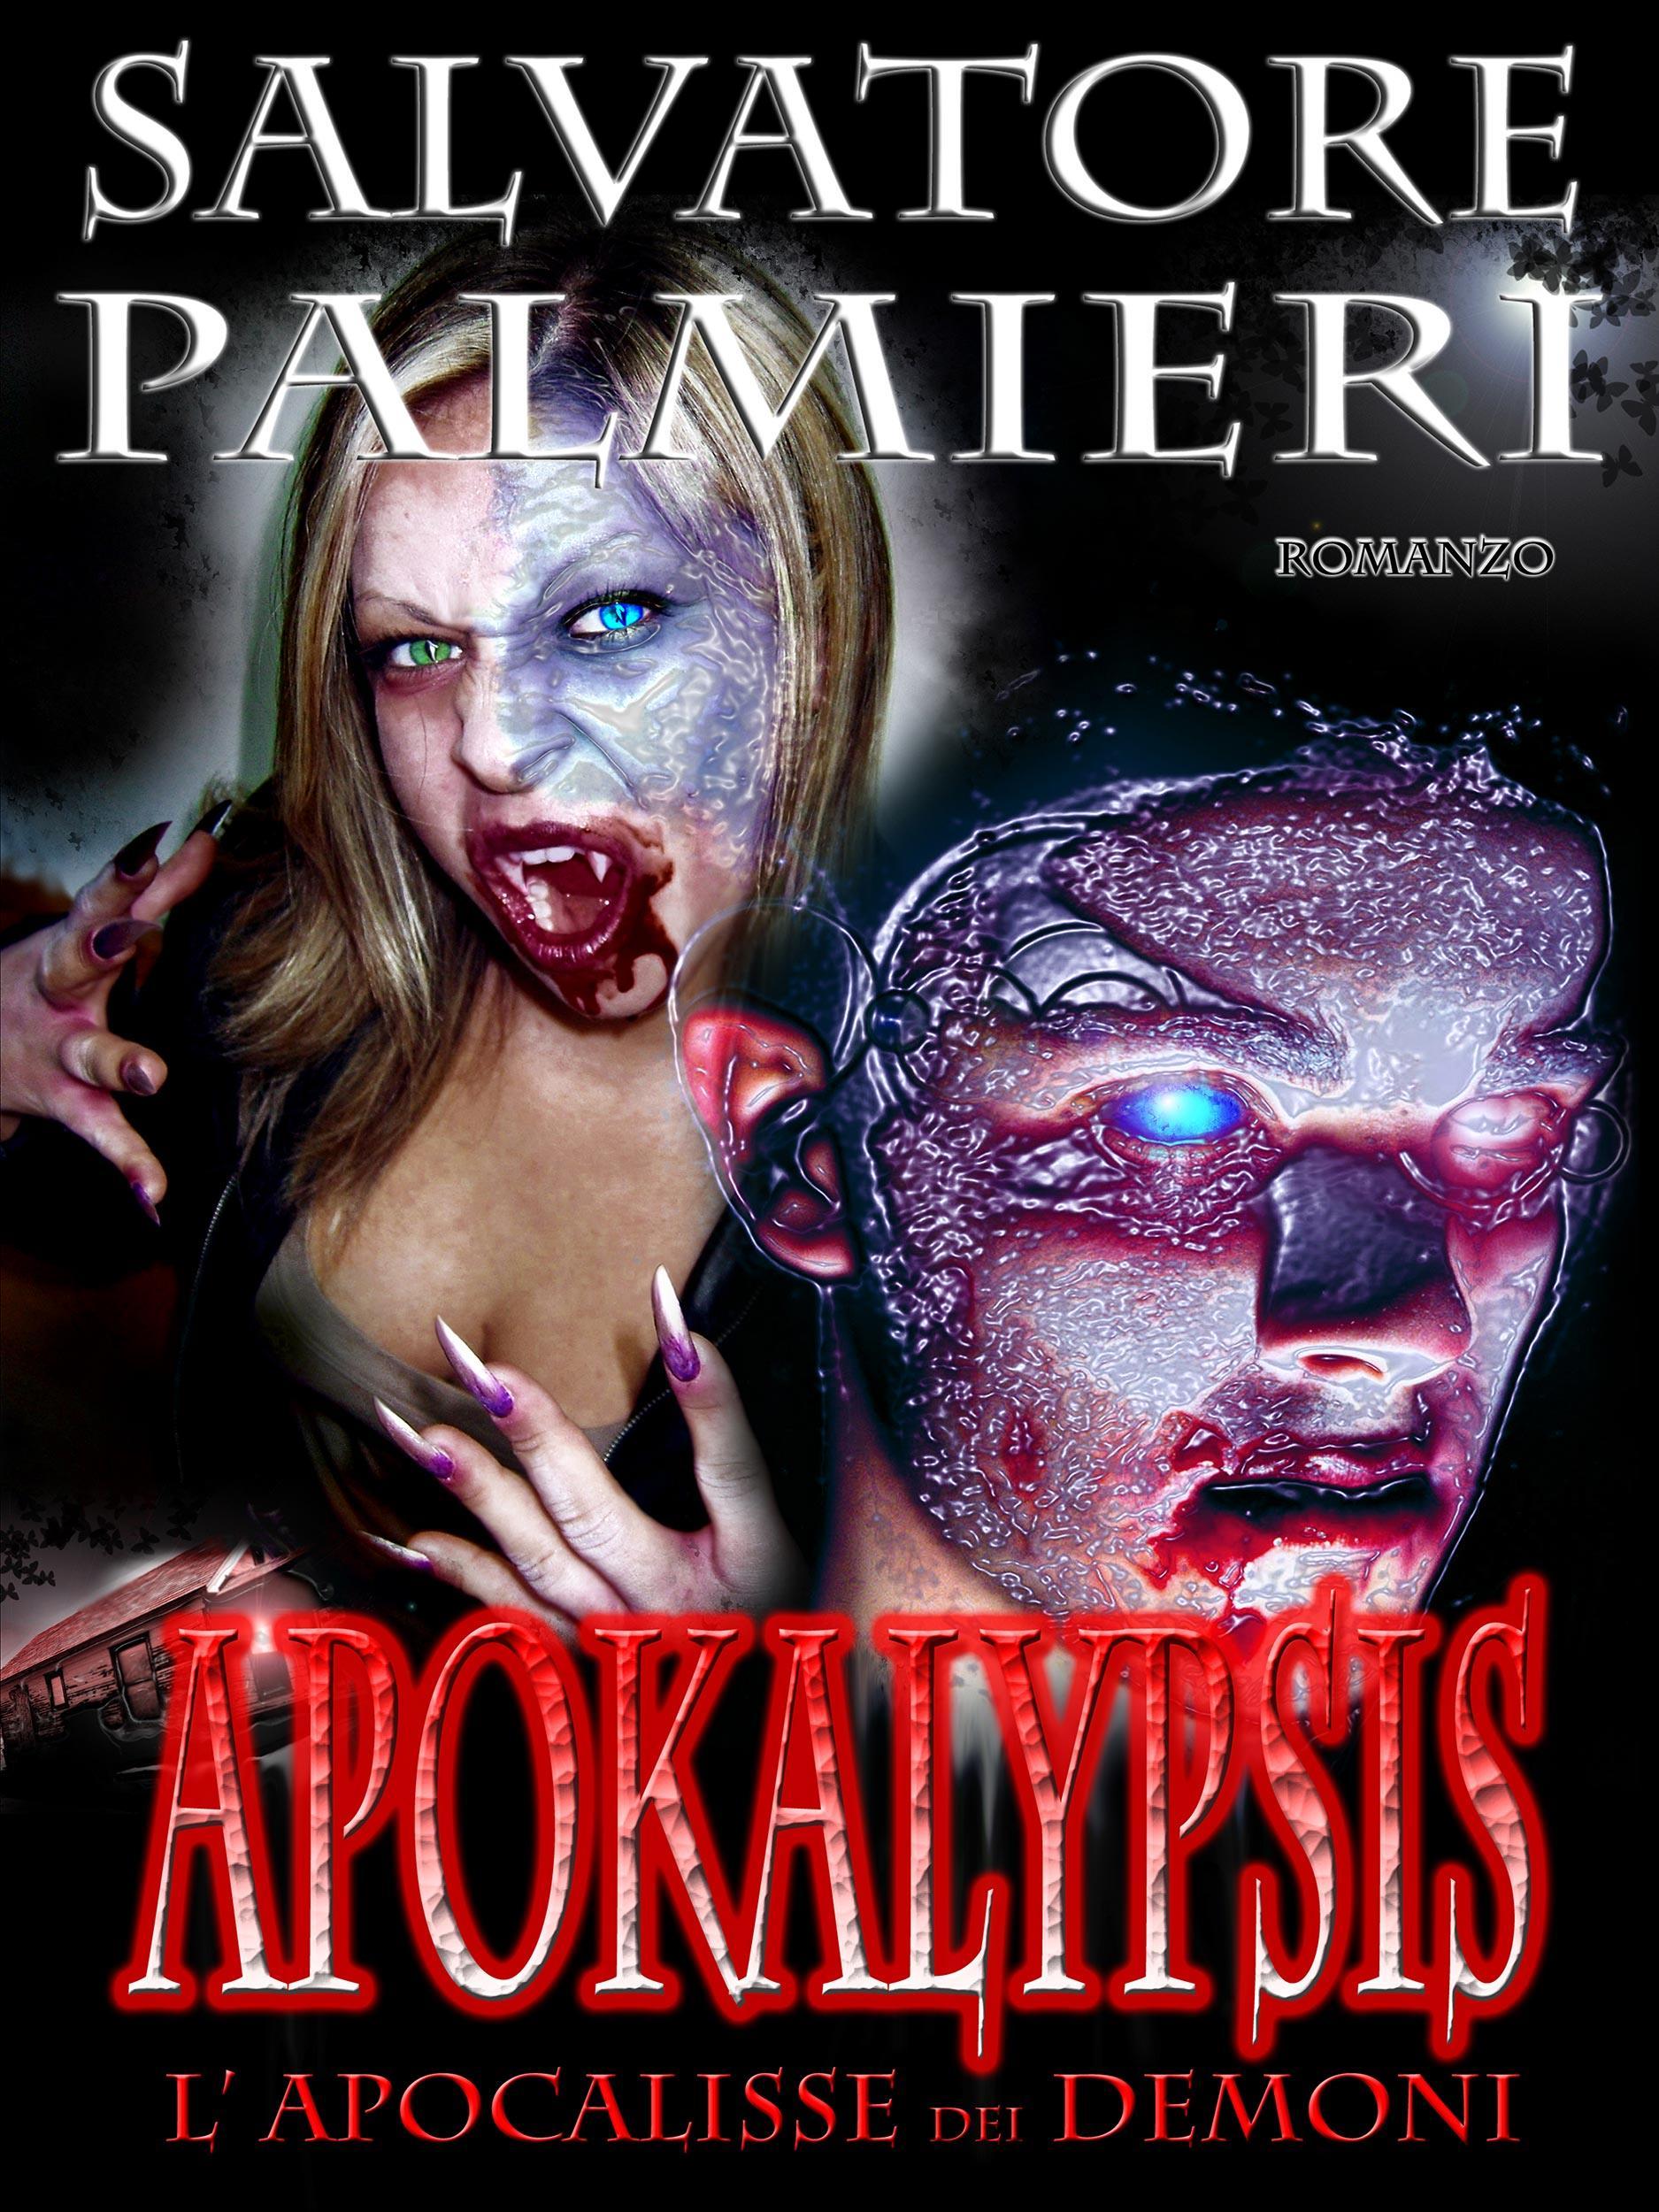 APOKALYPSIS - L'Apocalisse dei Demoni